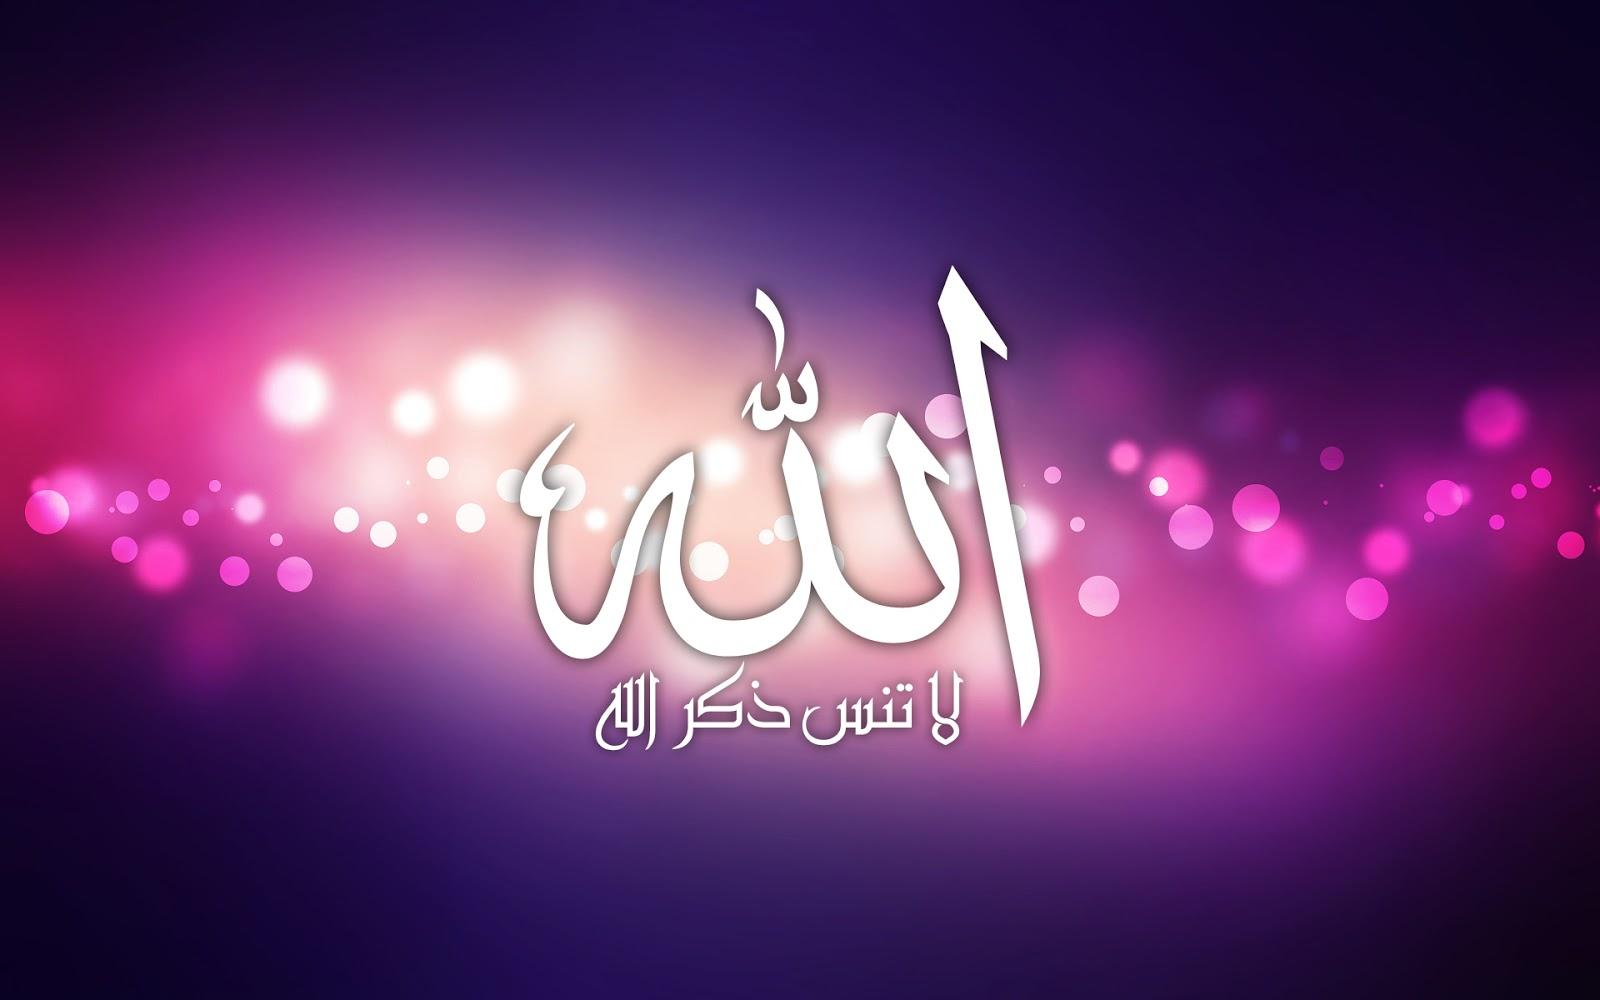 بالصور صور دينيه اسلاميه , استخدامات متعددة للصور الاسلامية 1833 11